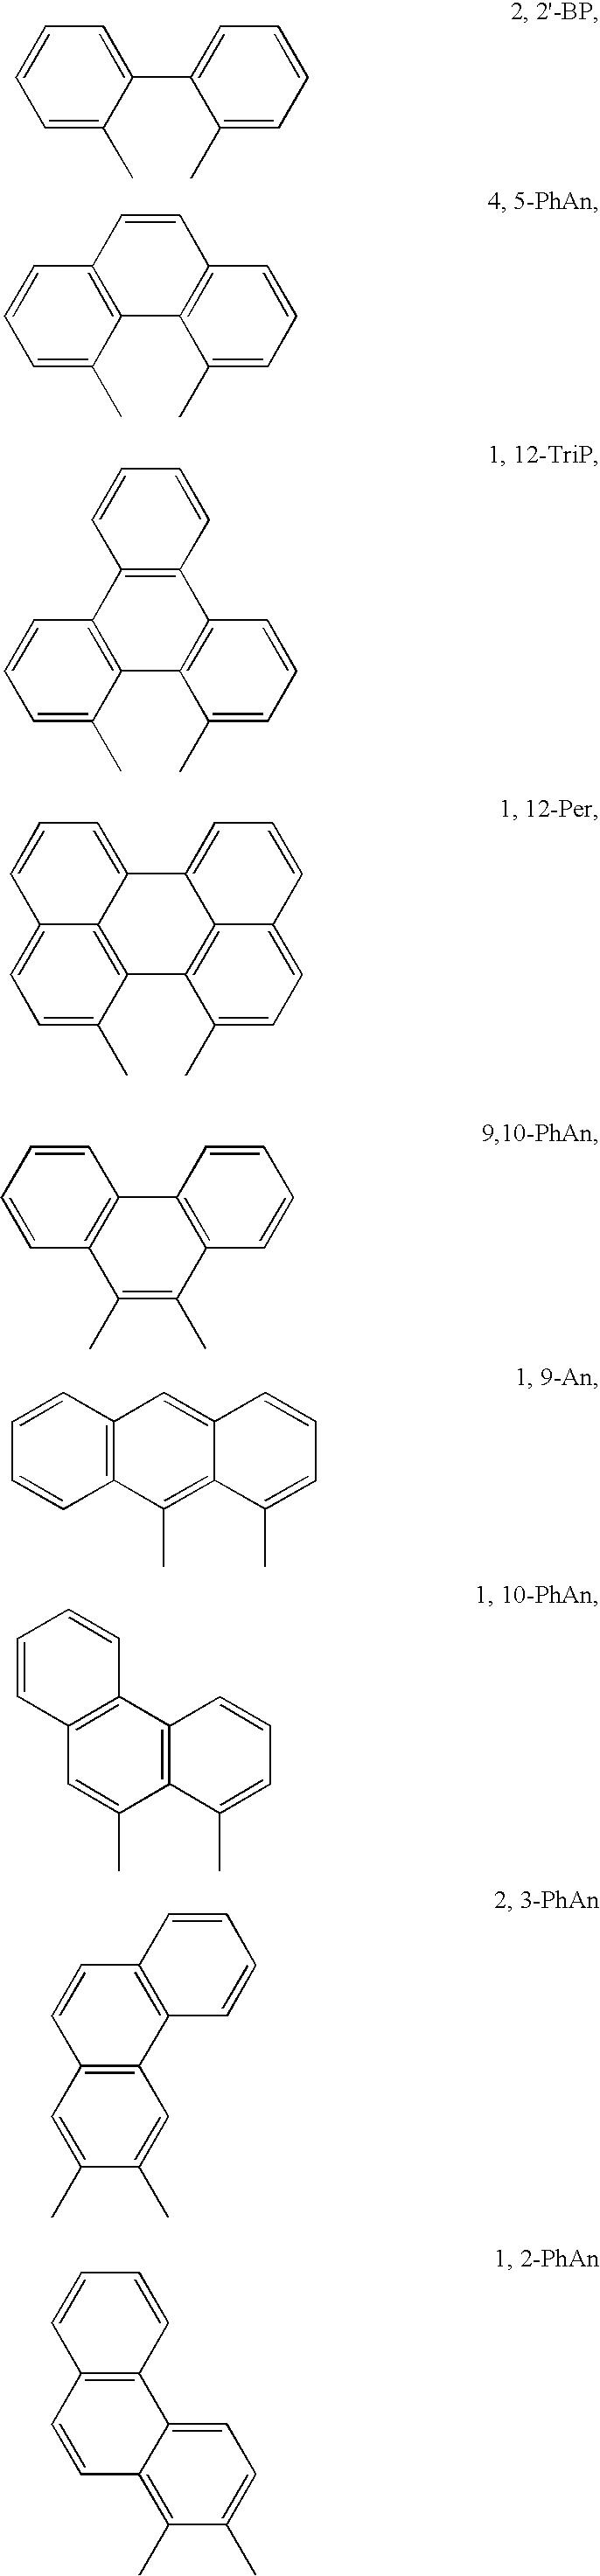 Figure US20050089714A1-20050428-C00030